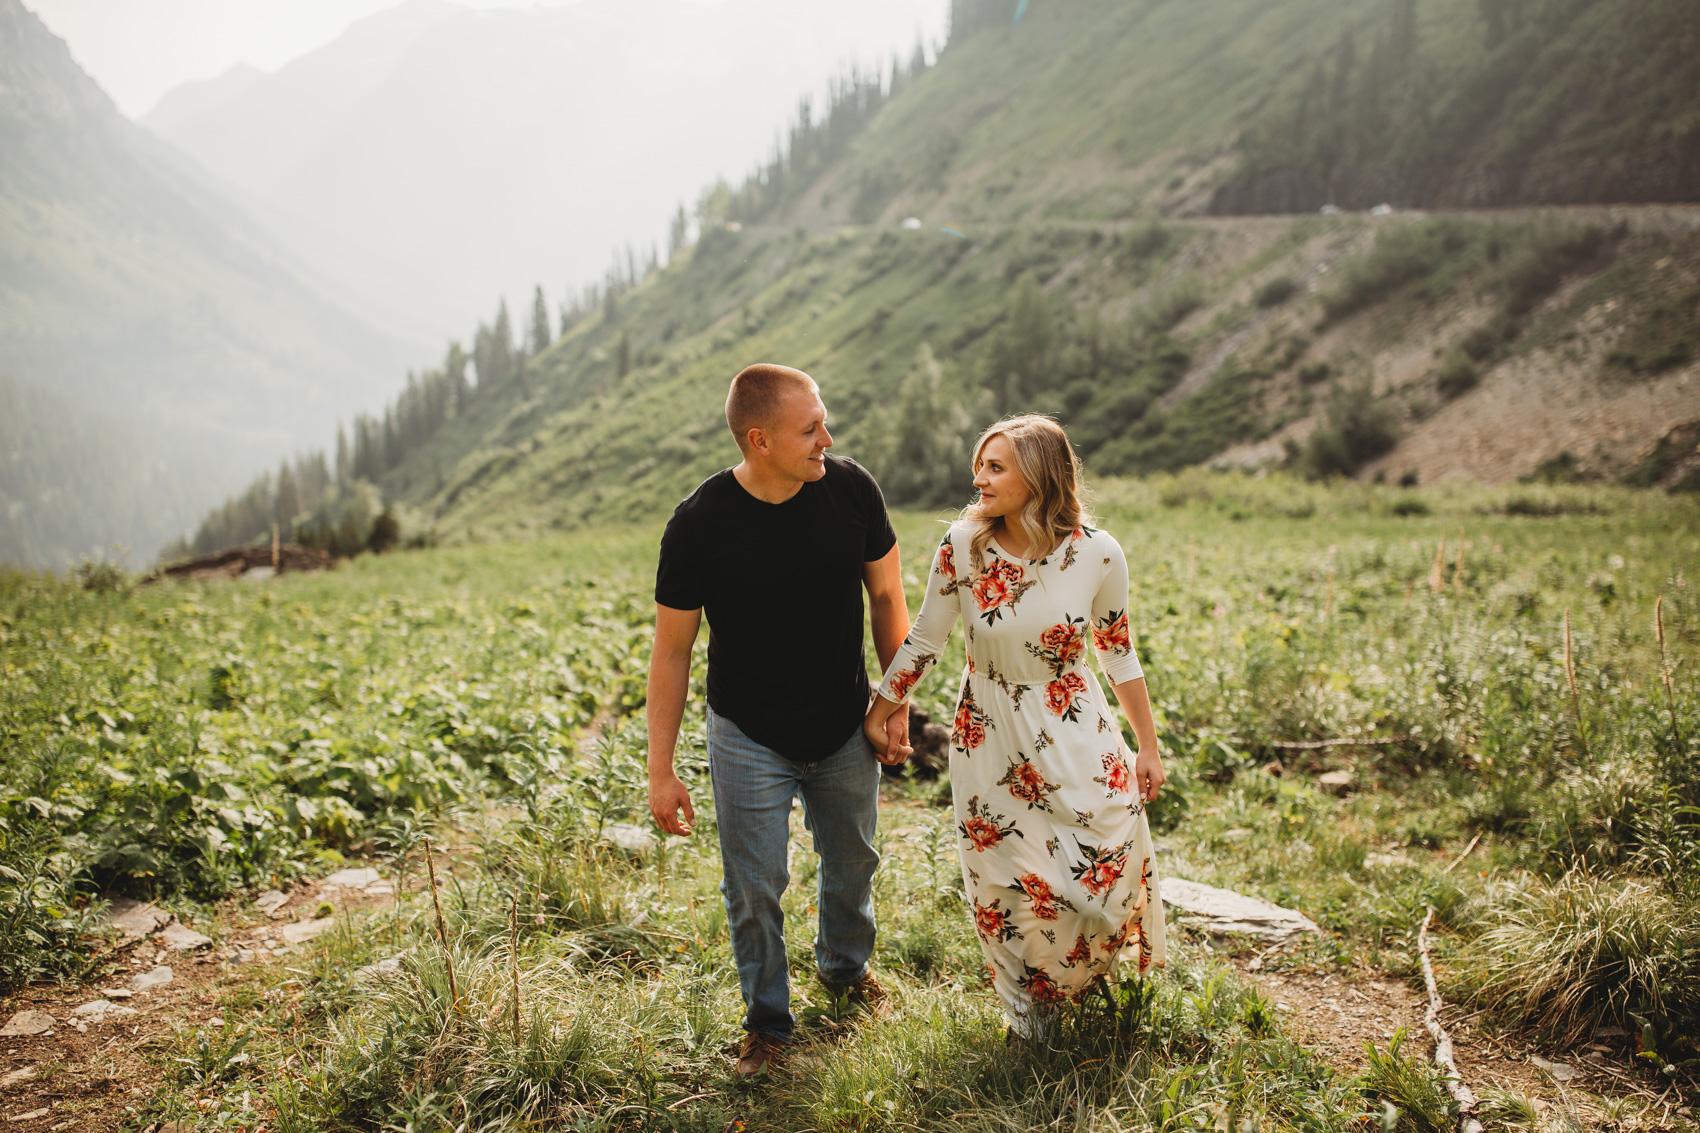 marah-doug-great-falls-montana-engagement-photographer-10.jpg